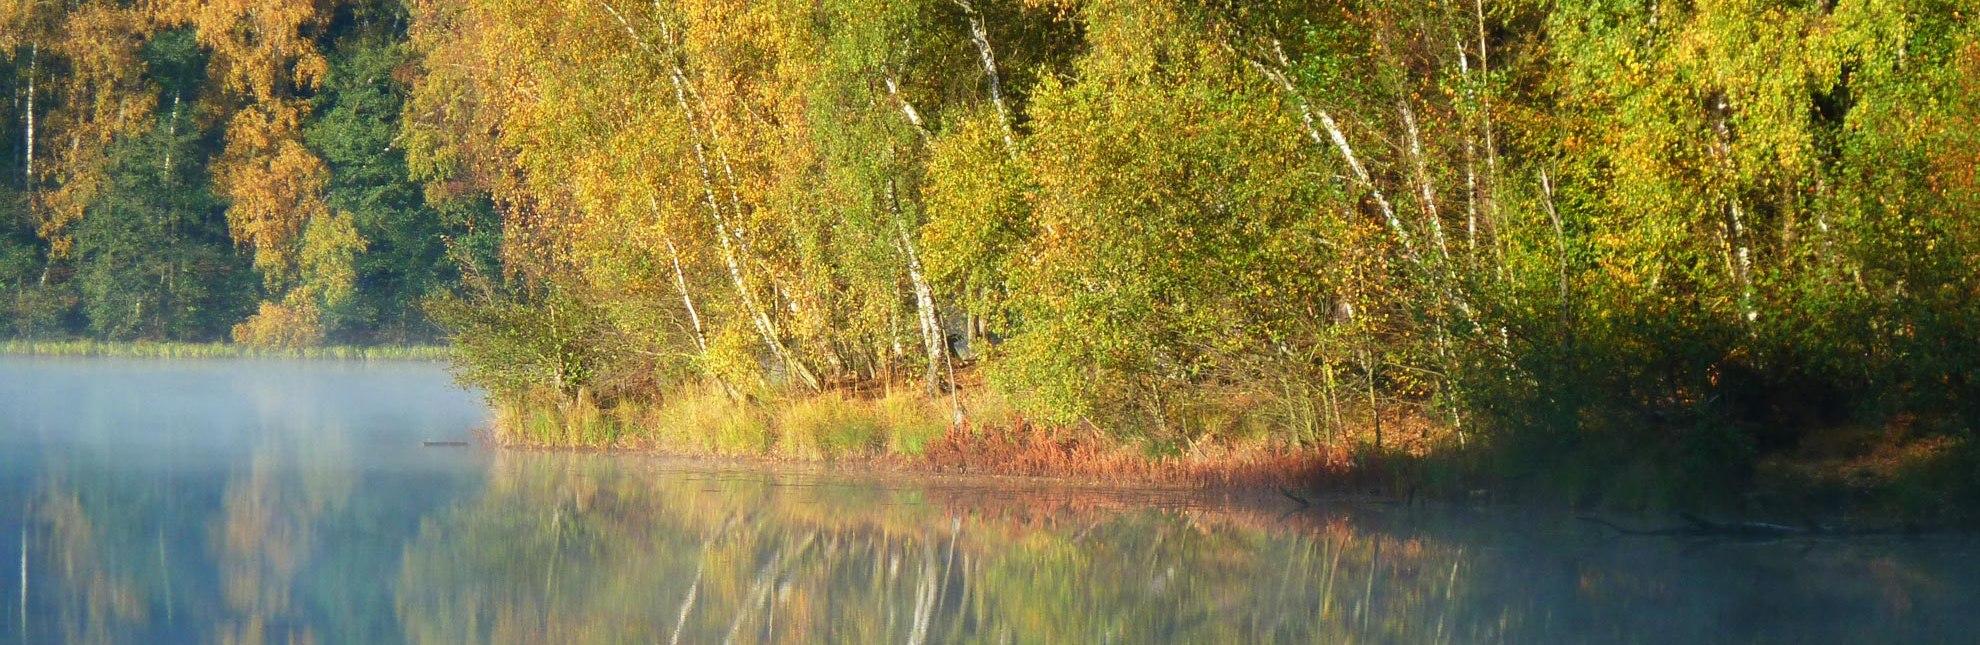 Herbstliche Impression am Schaalsee., © Thomas Ebelt / HLMS GmbH